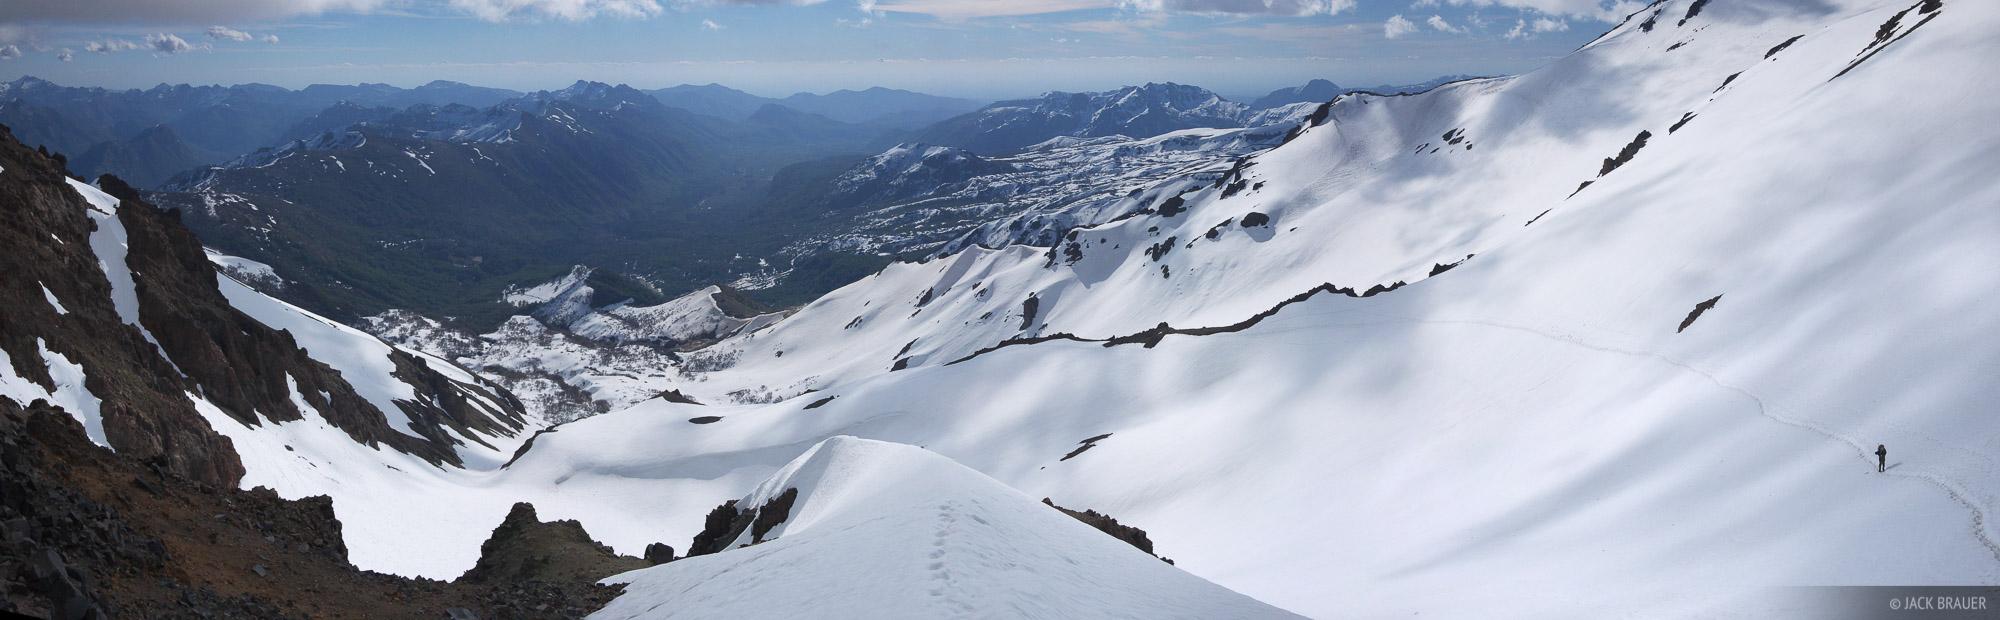 Chile, South America, Valle de Aguas Calientes, Termas de Chillán, photo